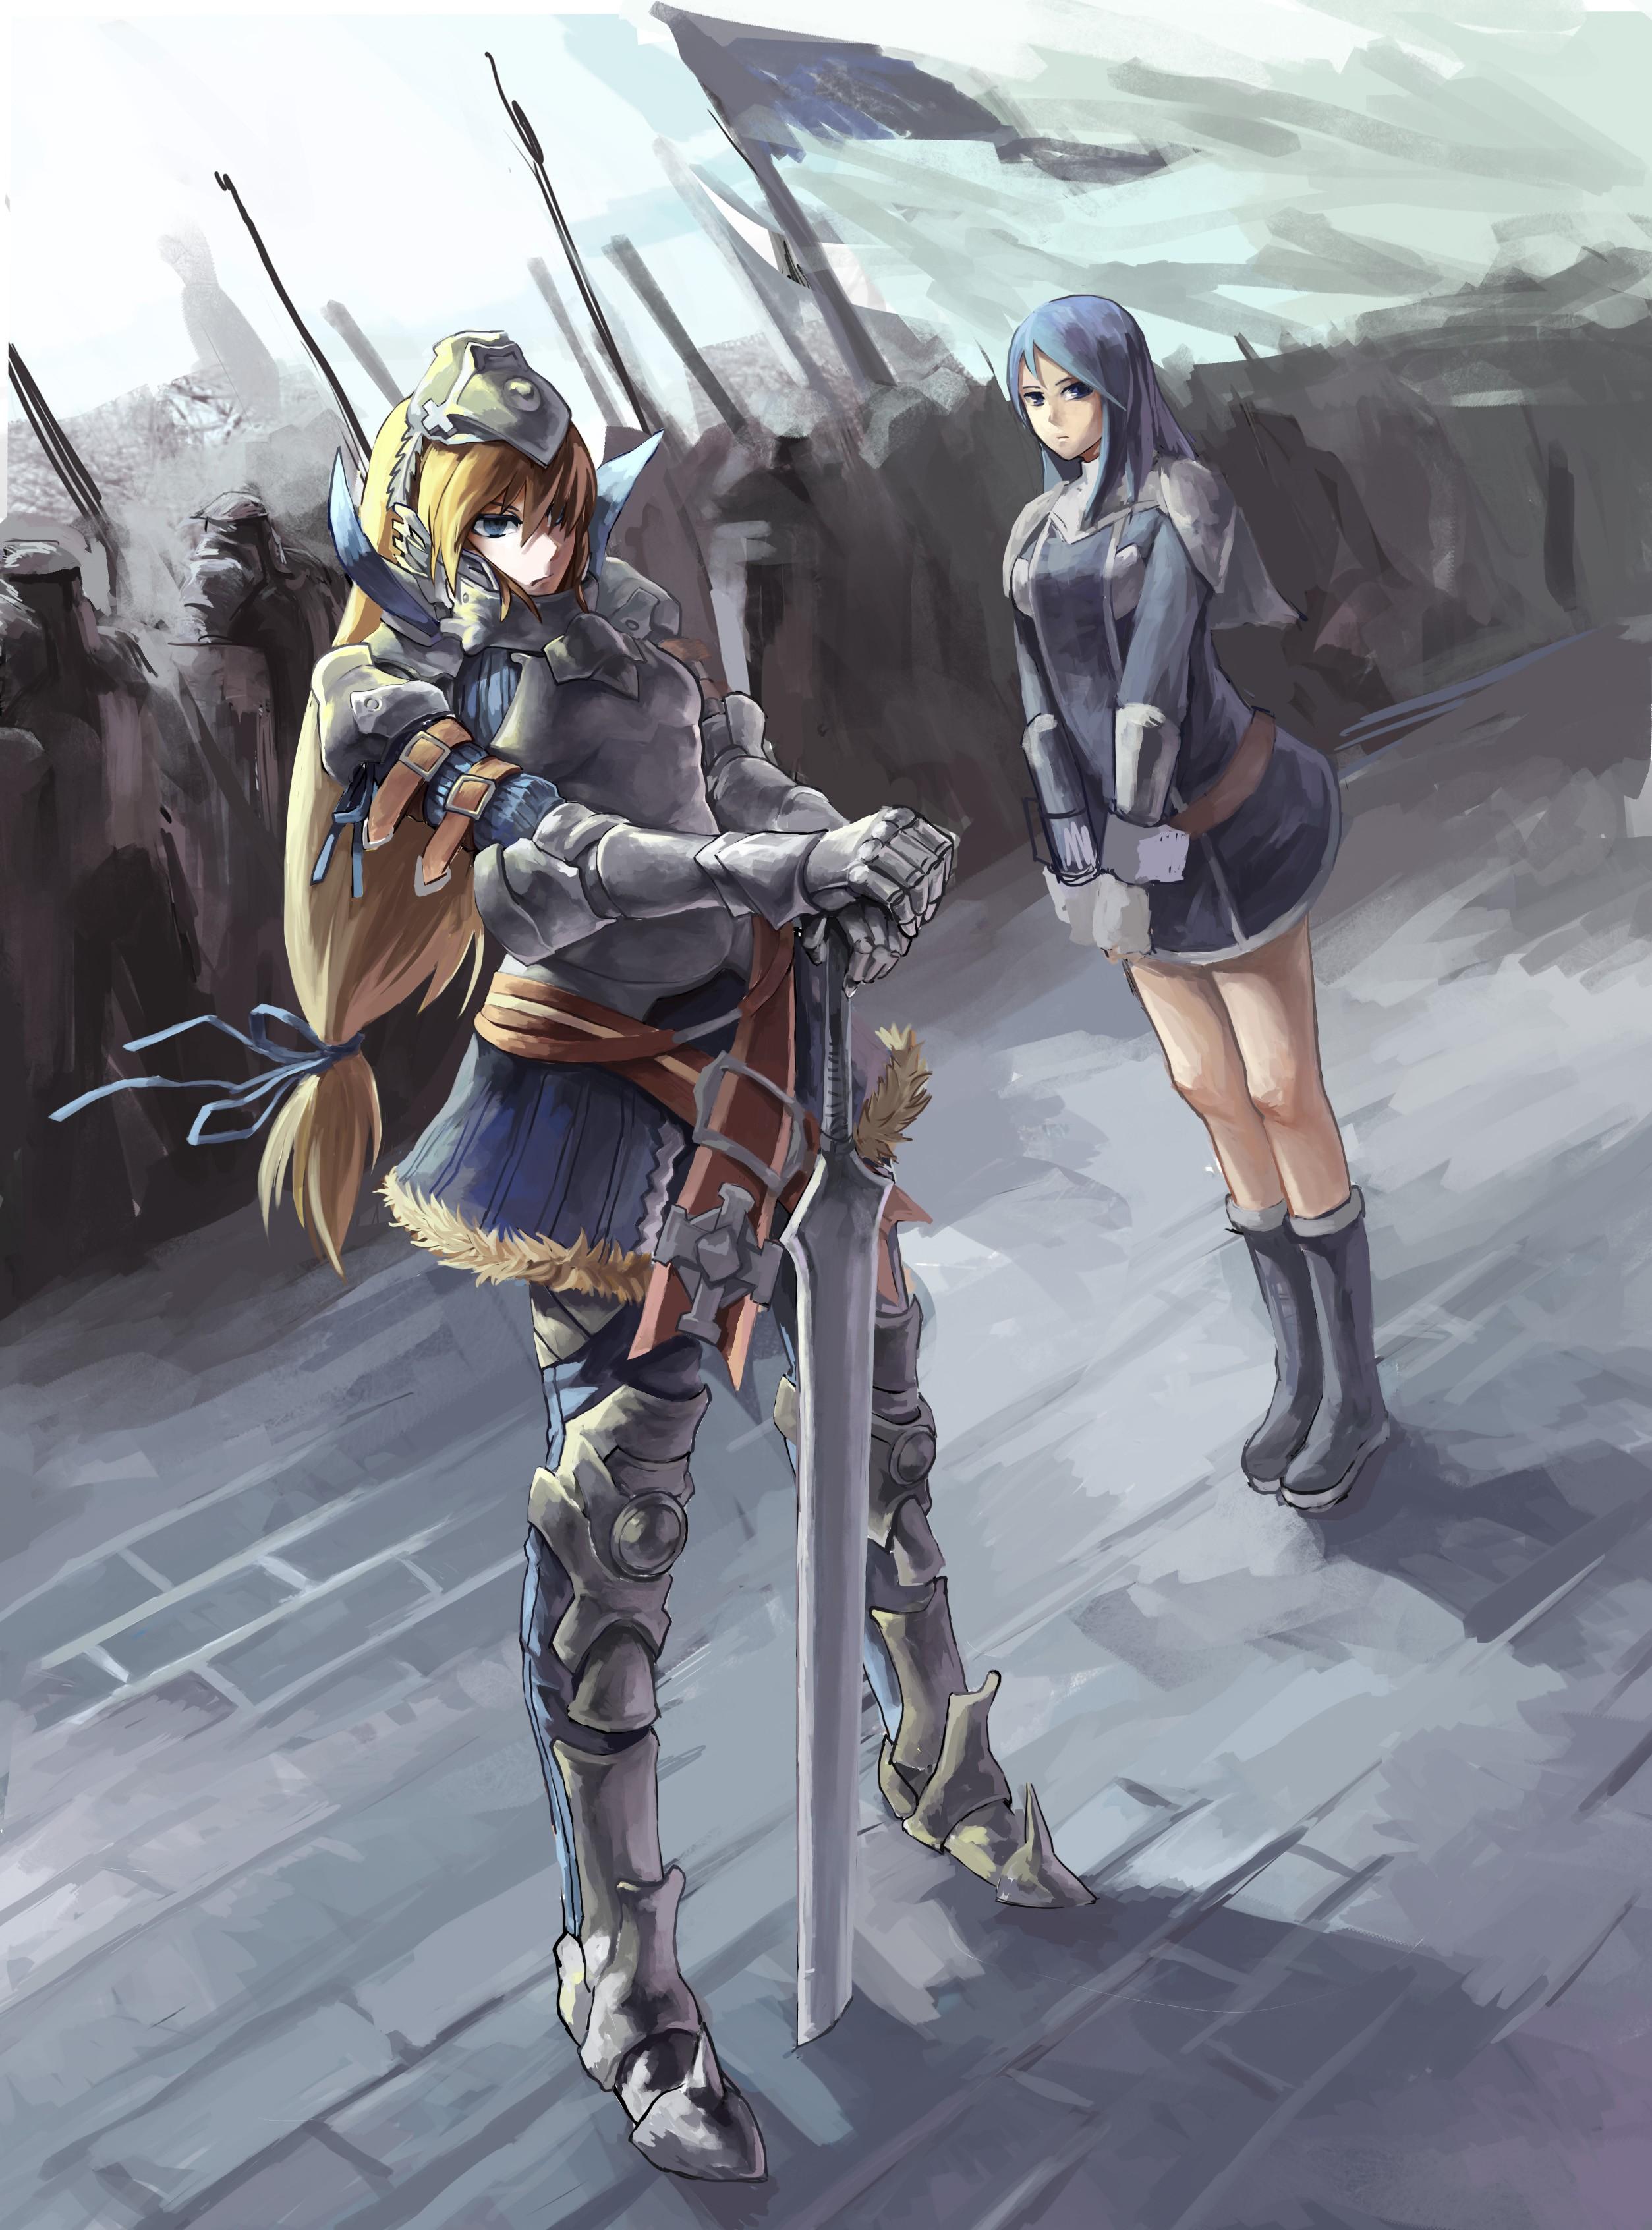 Image Result For Anime Armor Girl Wallpaper